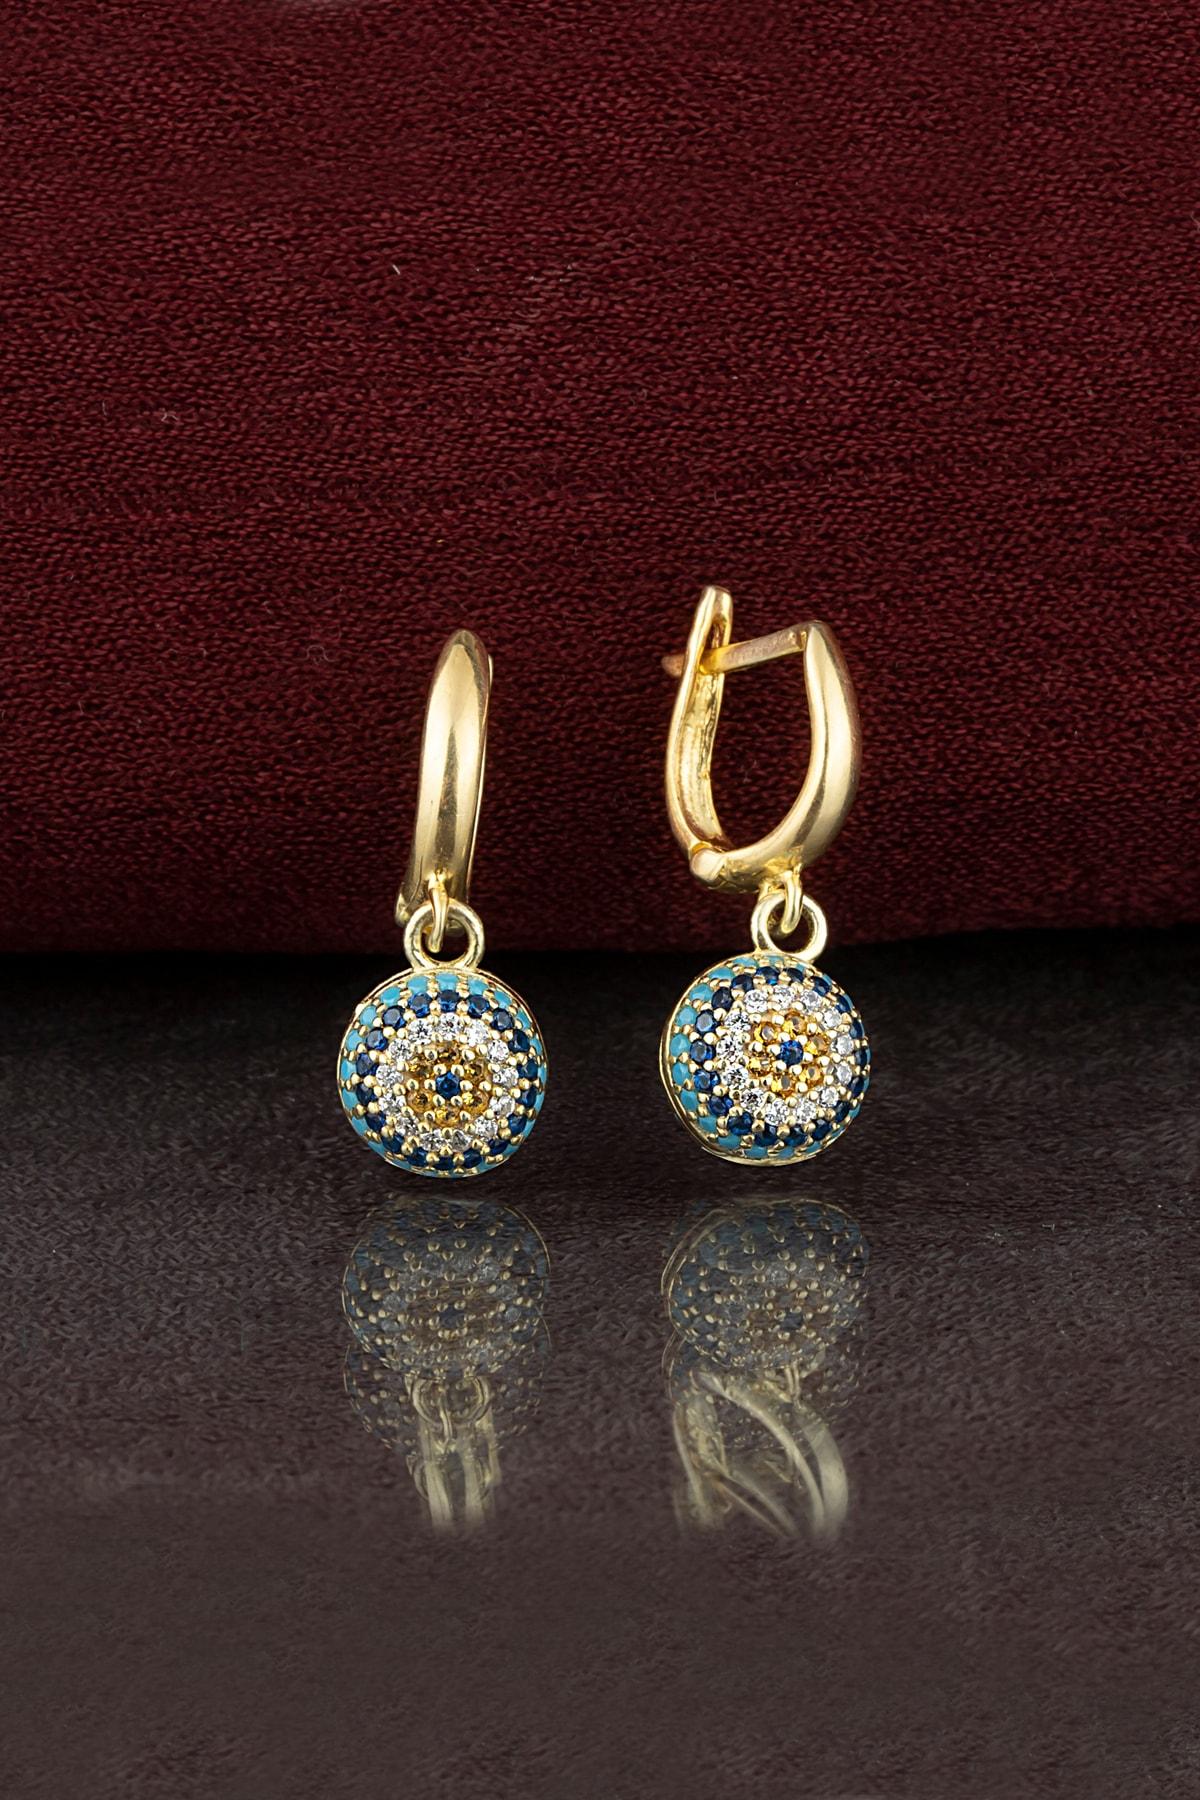 Else Silver Kadın Altın 925 Ayar Gümüş Nazar Küpe 1